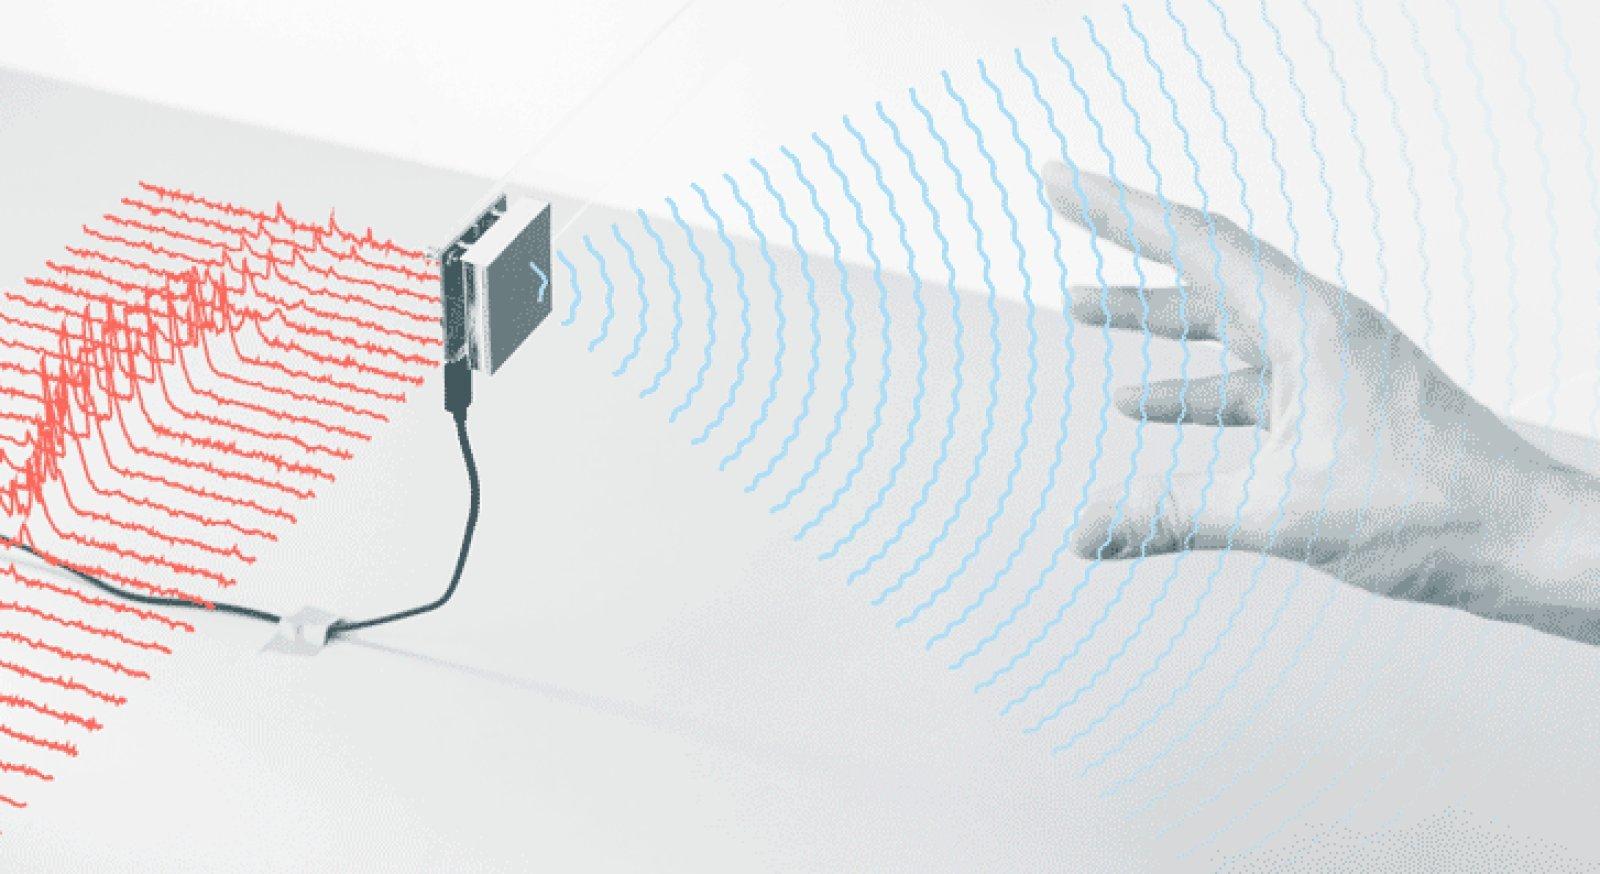 Autorizan a Google usar un radar para reconocer gestos humanos